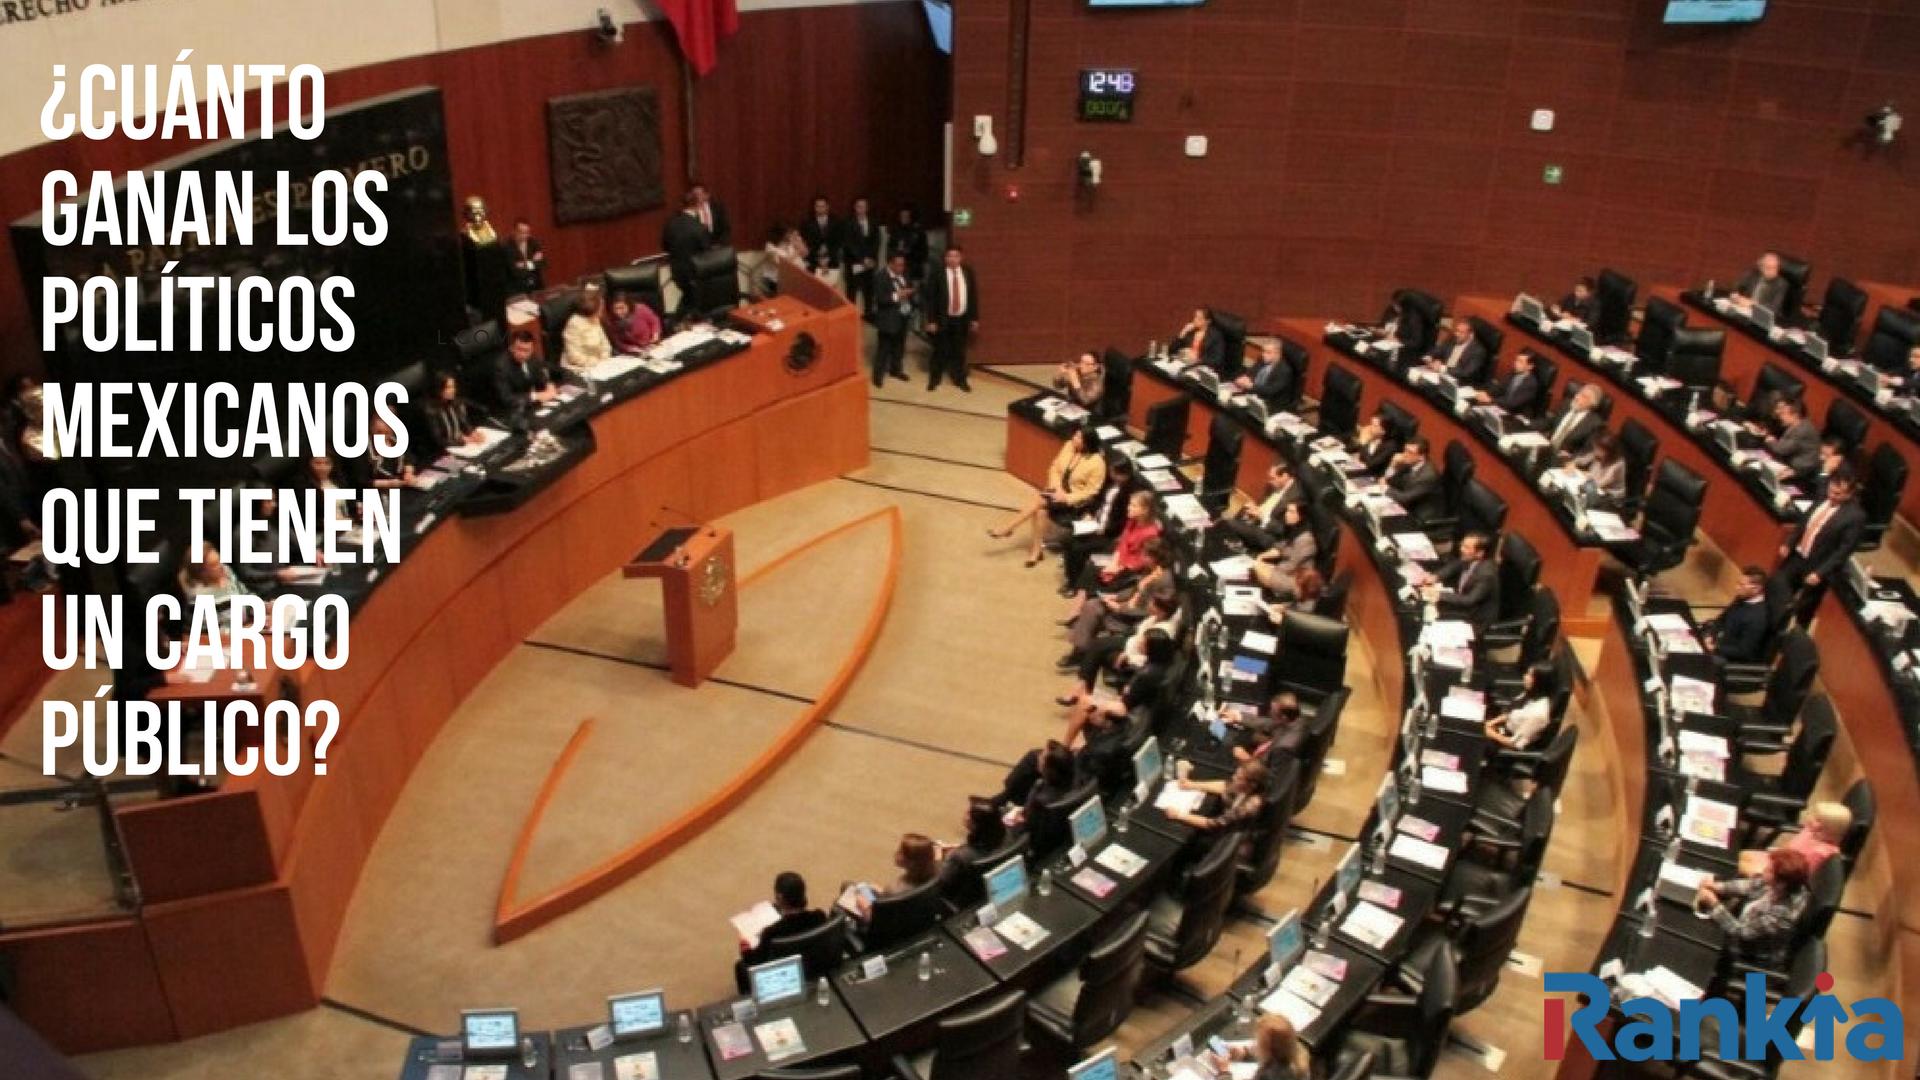 ¿Cuánto ganan los políticos mexicanos que tienen un cargo público?